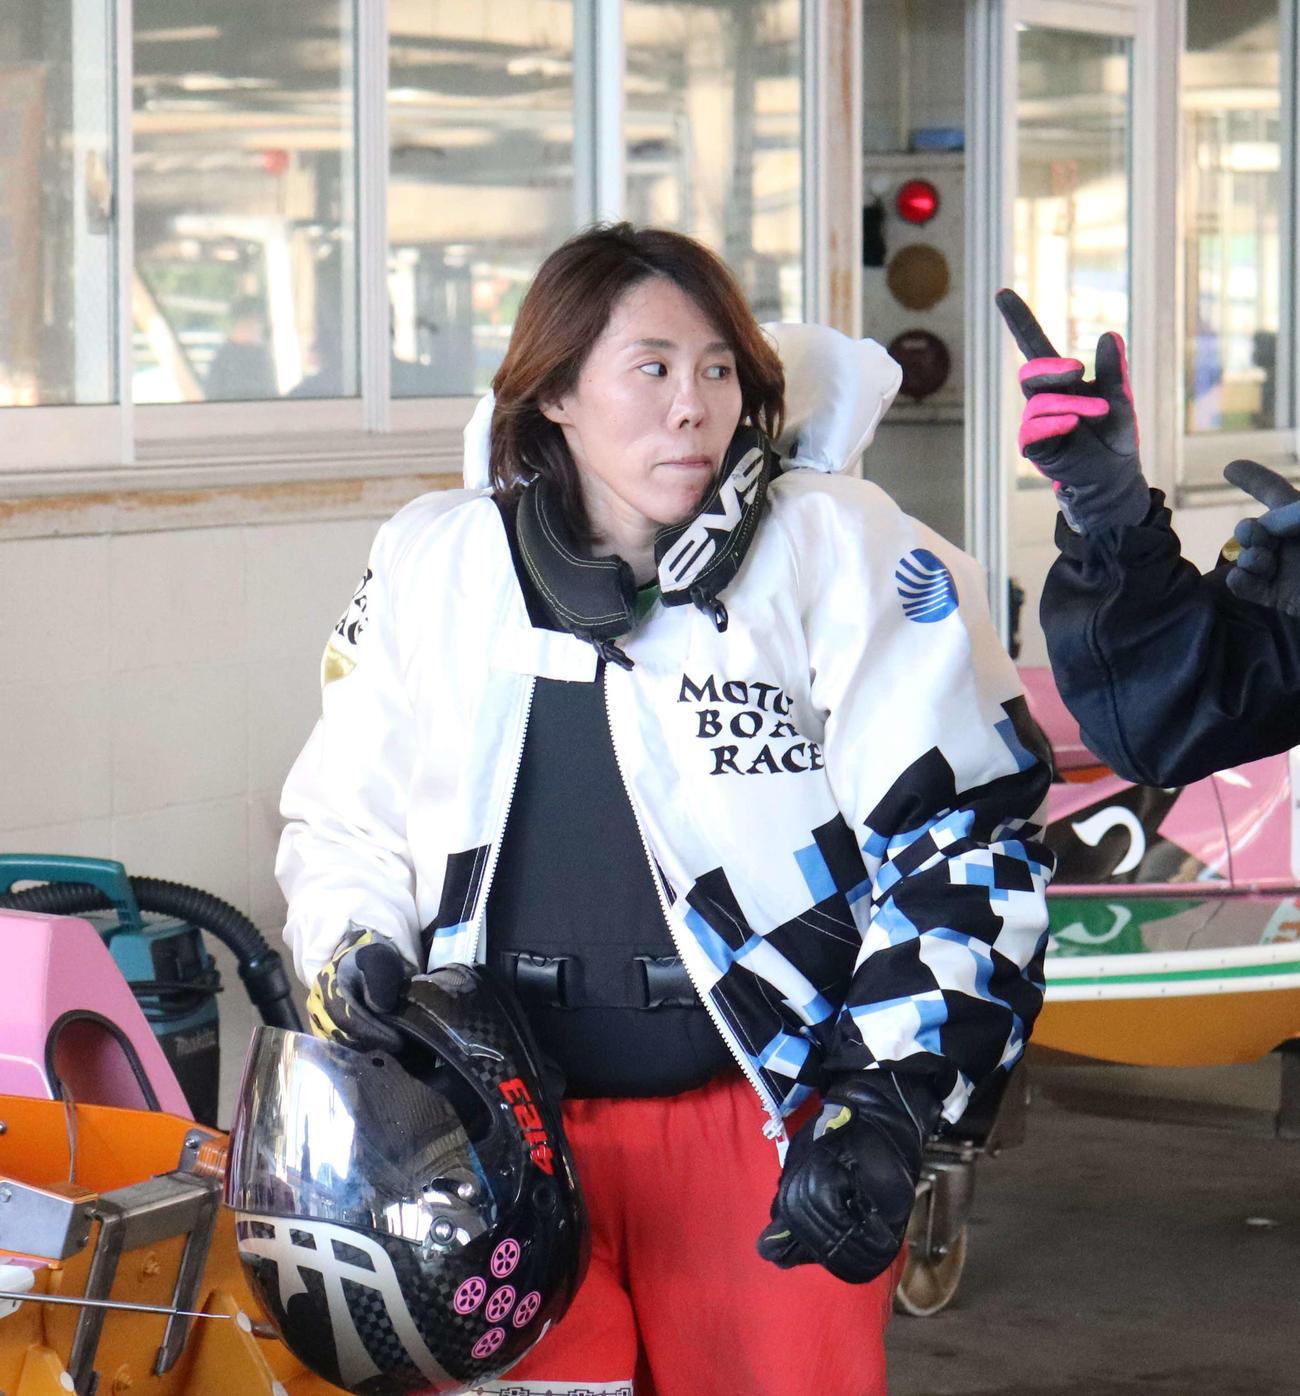 細川裕子が2日目メインのツーコドリーム戦を1着。オール2連対と好調なペースで突っ走る(撮影・工藤浩伸)